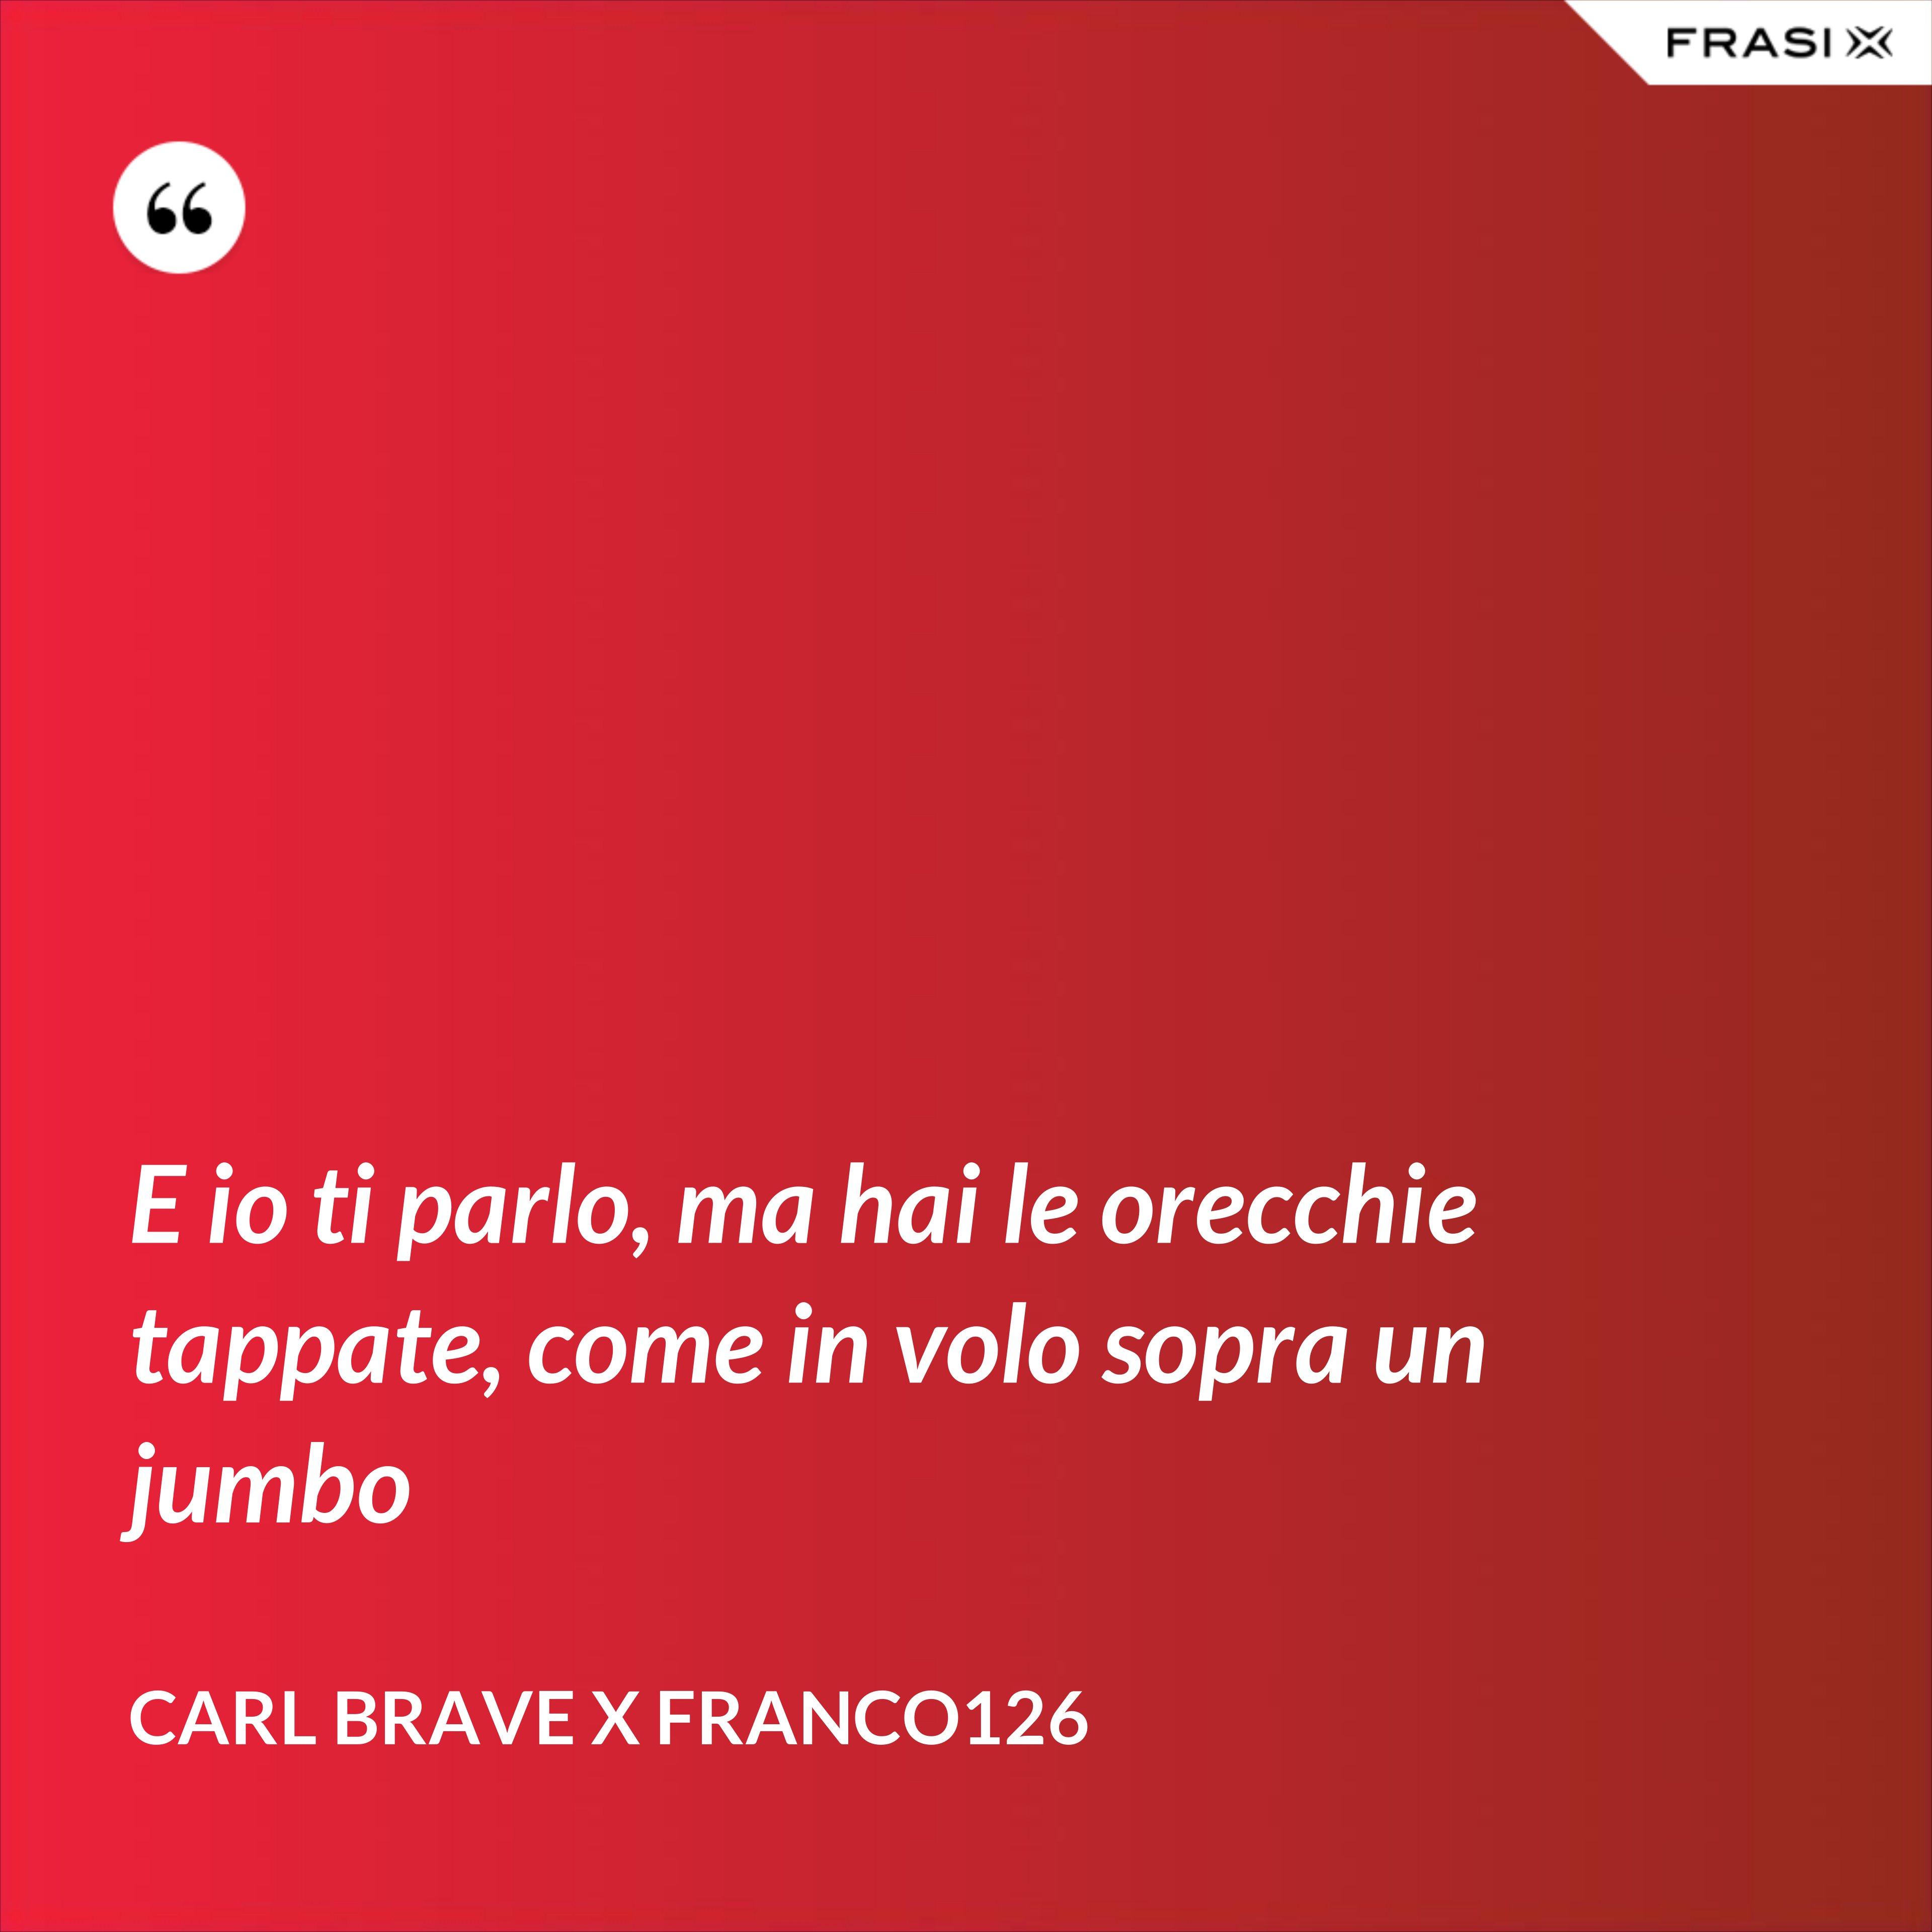 E io ti parlo, ma hai le orecchie tappate, come in volo sopra un jumbo - Carl Brave X Franco126